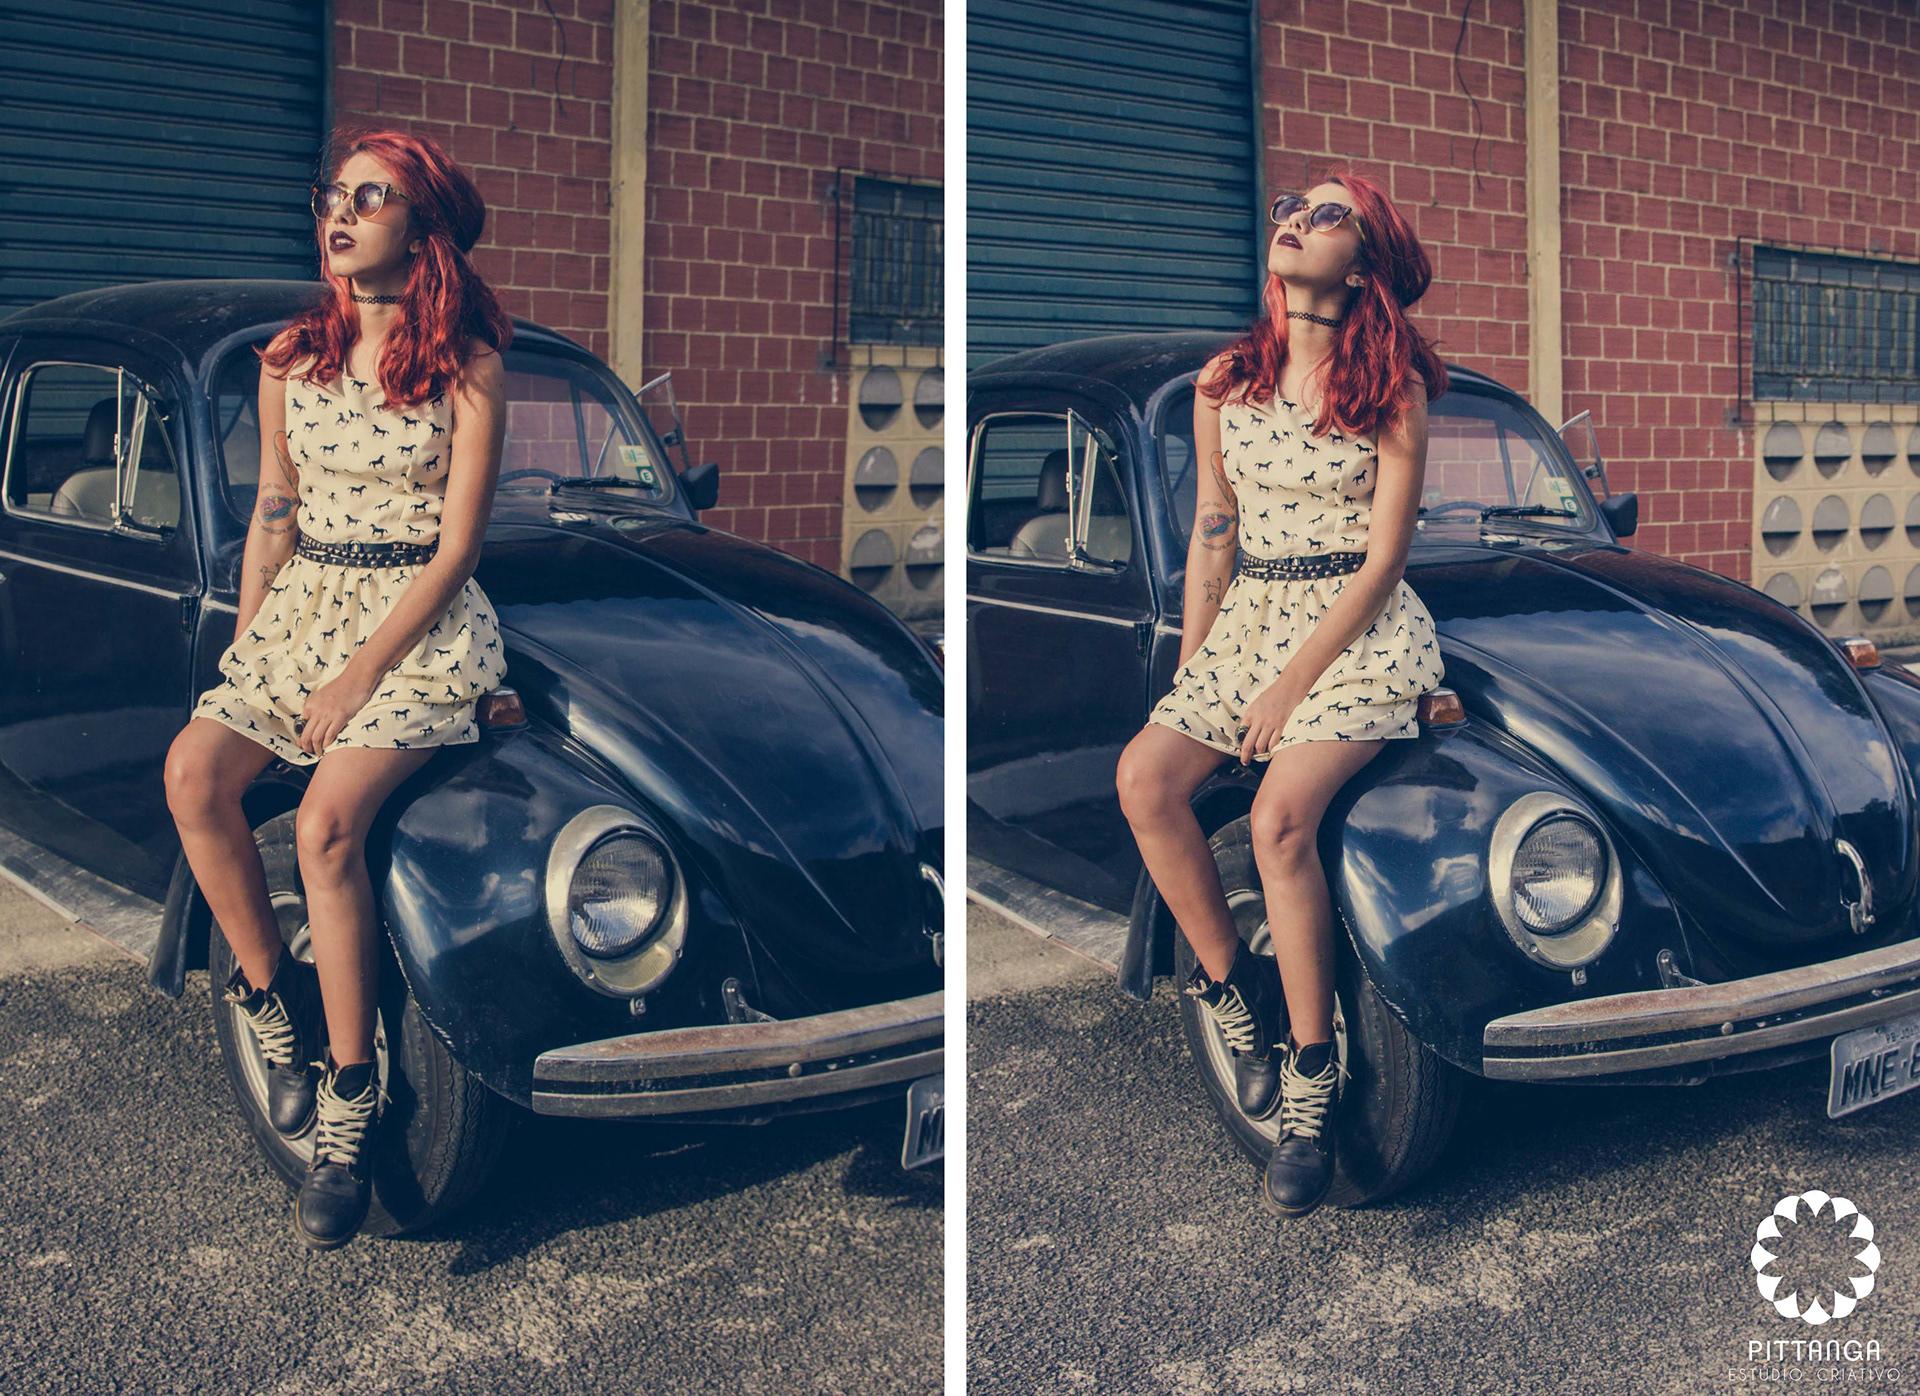 car-redhead-northwich-fotos-de-pussy-desnuda